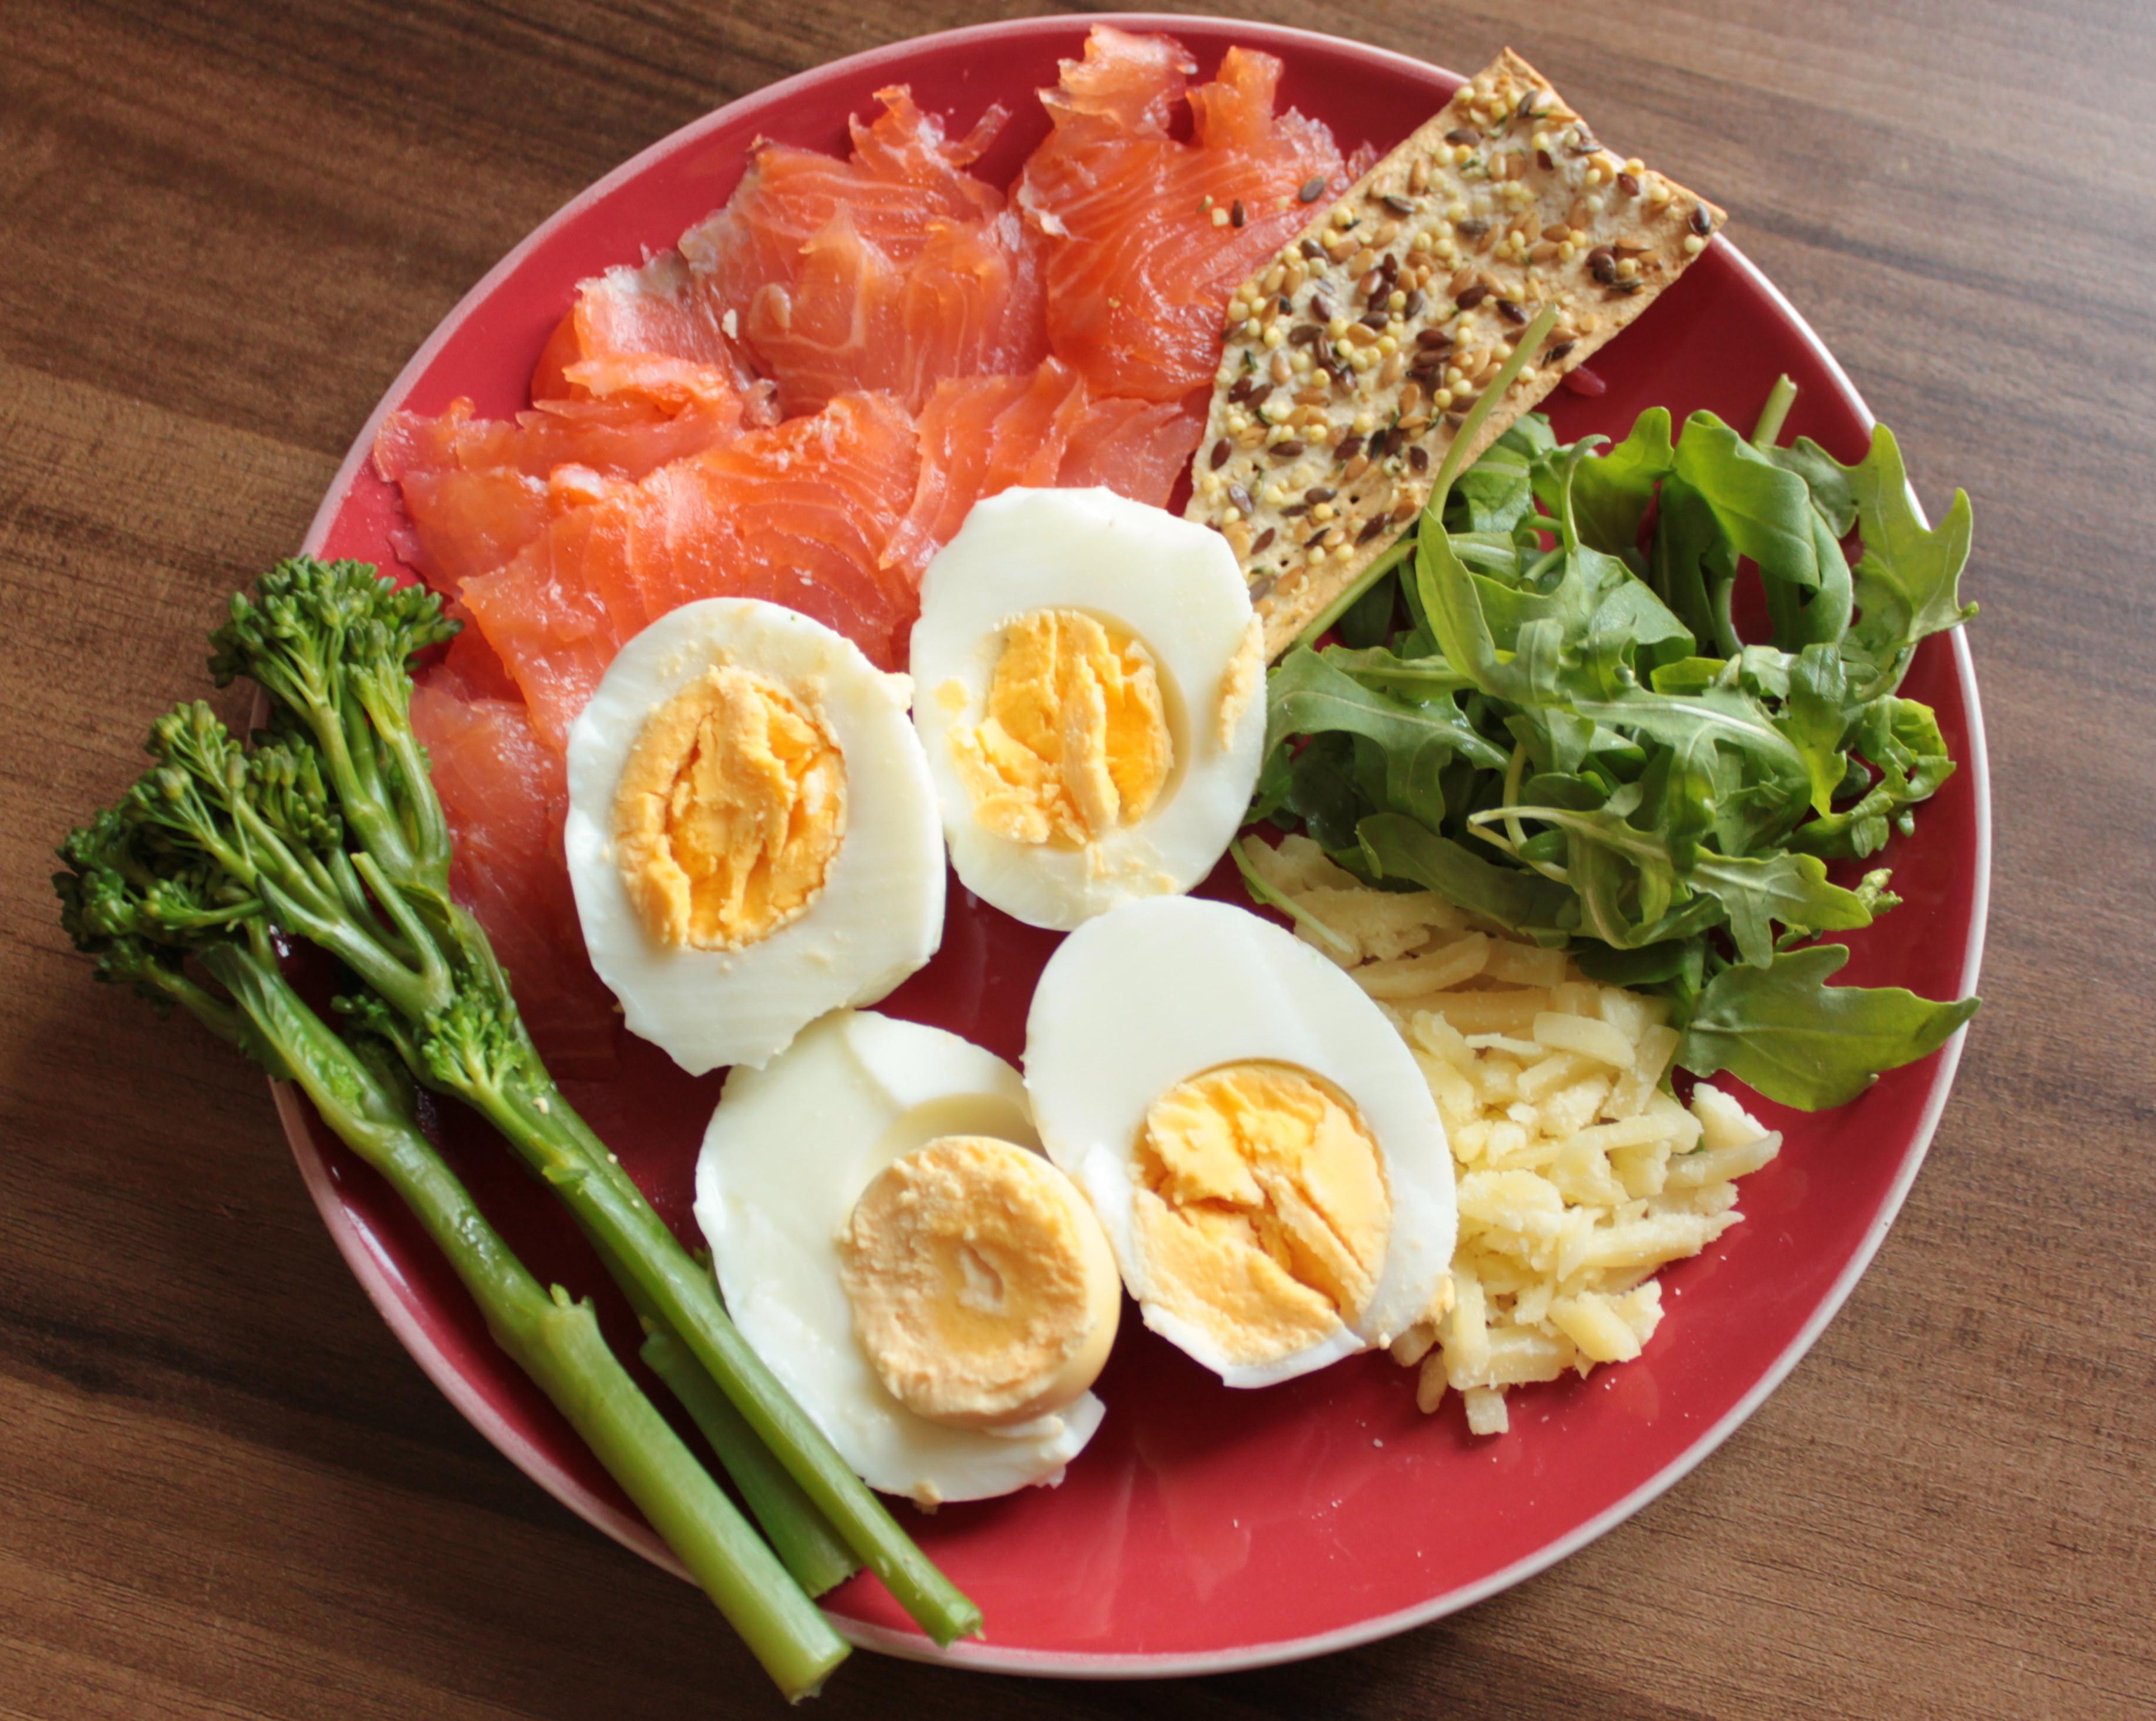 Healthy Breakfast Pictures  7 Healthy Breakfast Tips